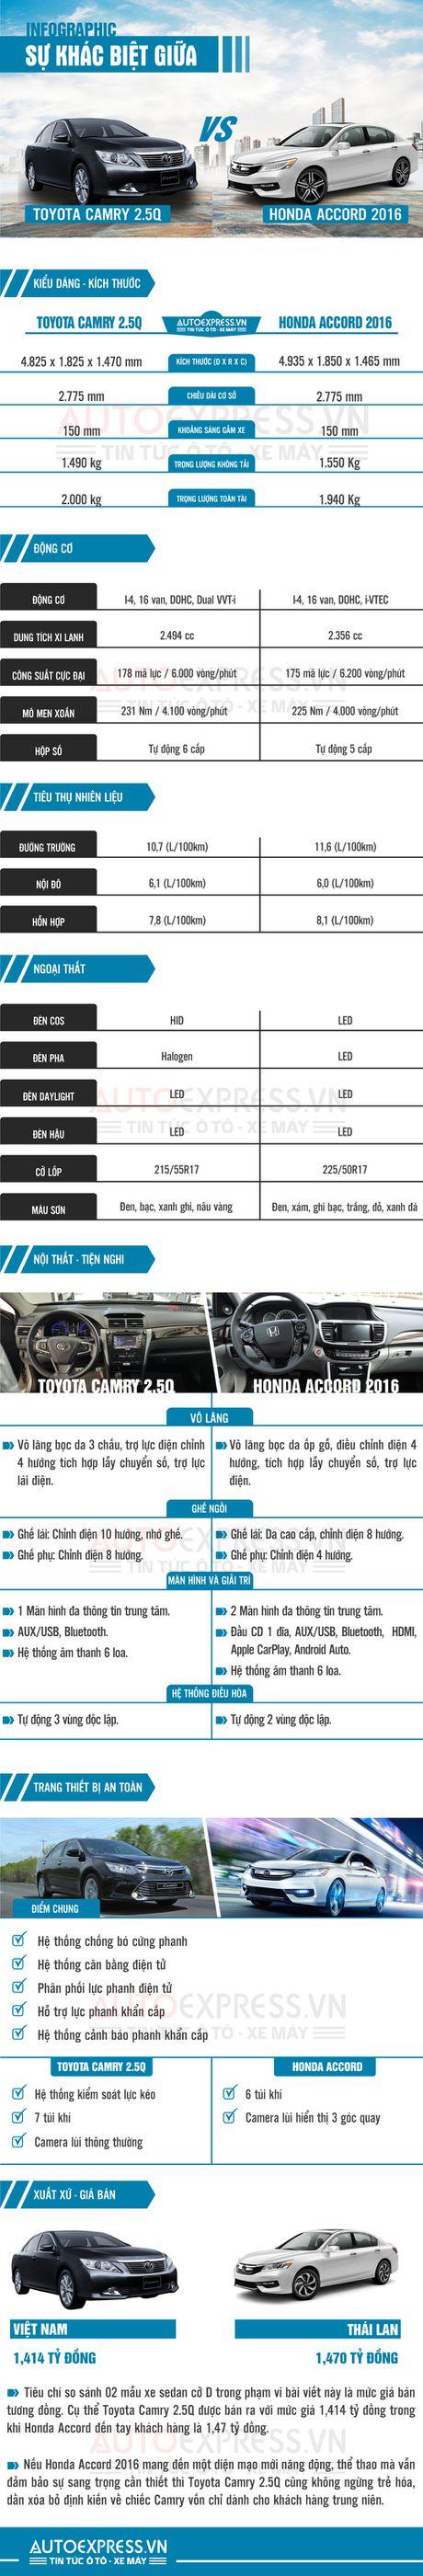 Mua xe cho sep, chon Honda Accord 2016 hay Toyota Camry 2.5Q? - Anh 1